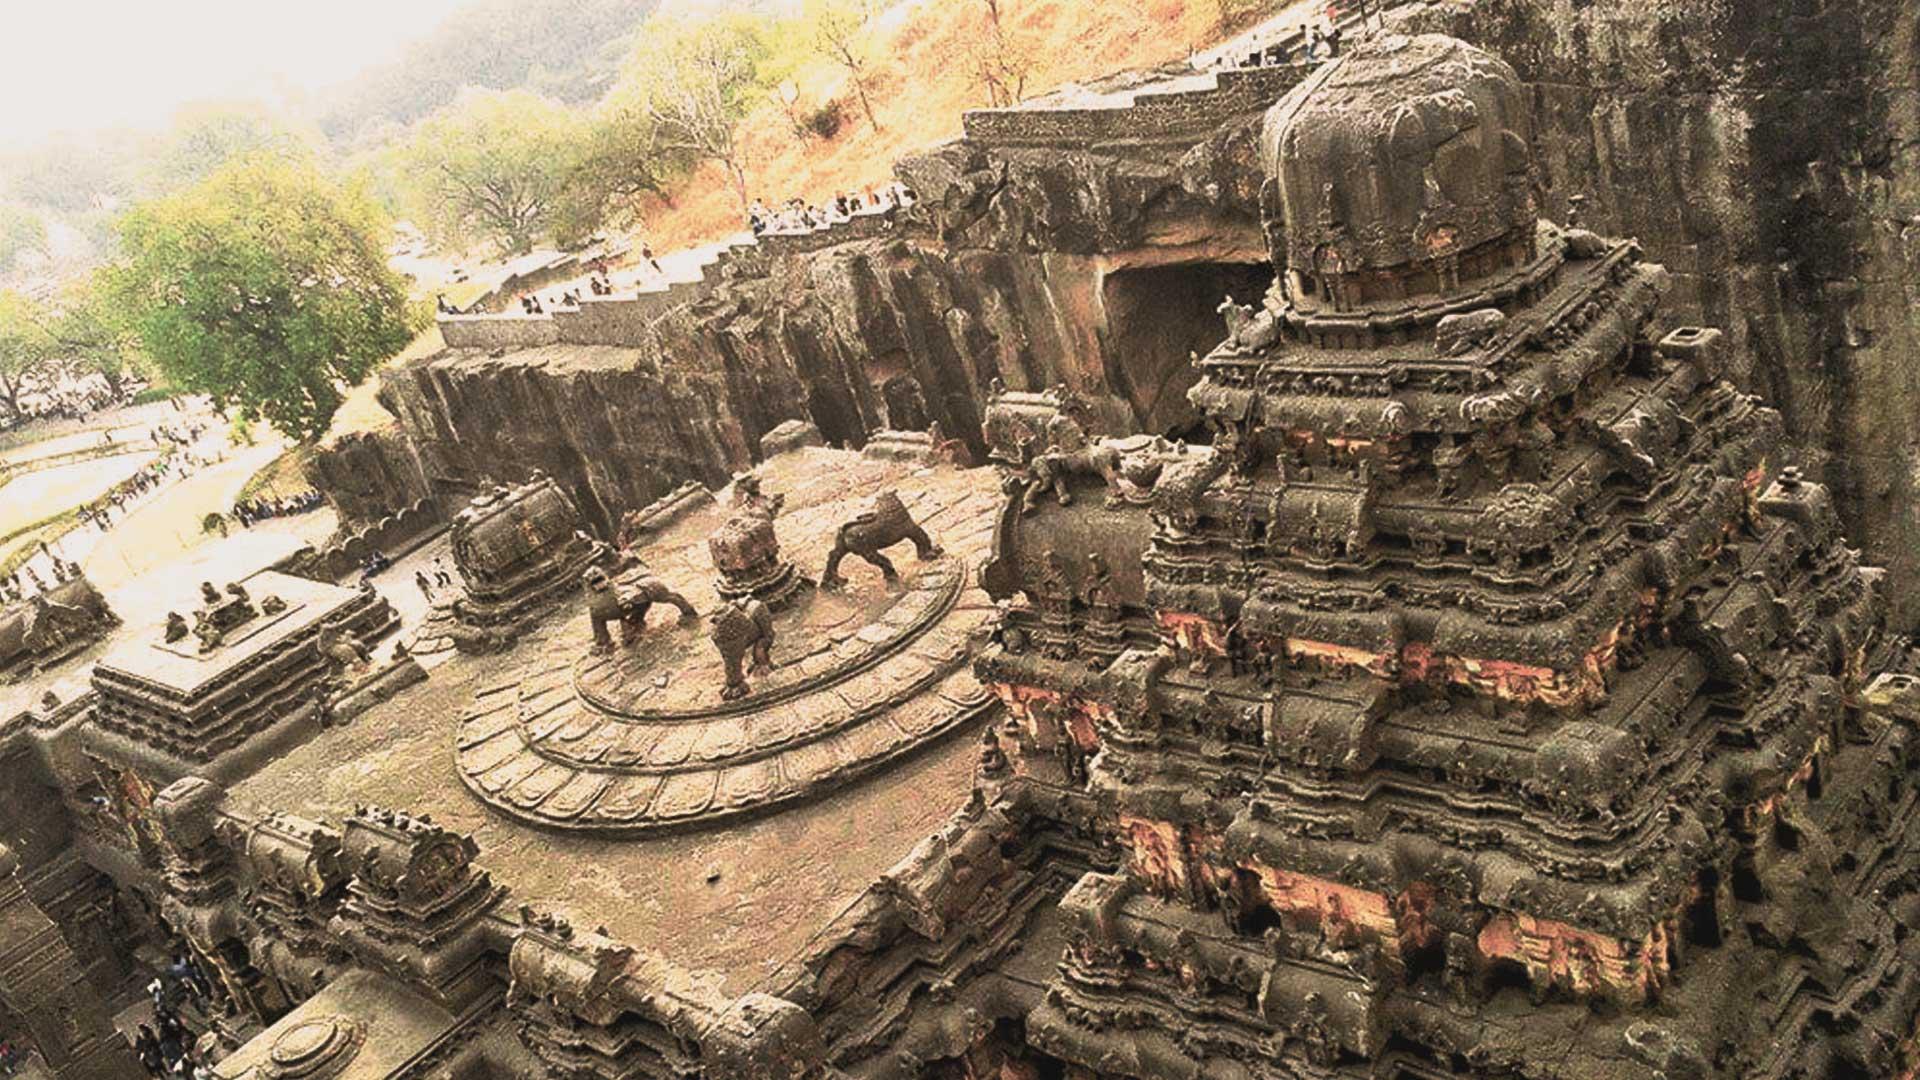 Este templo fue tallado en una sola roca. ¡Nadie sabe cómo lo hicieron los constructores!